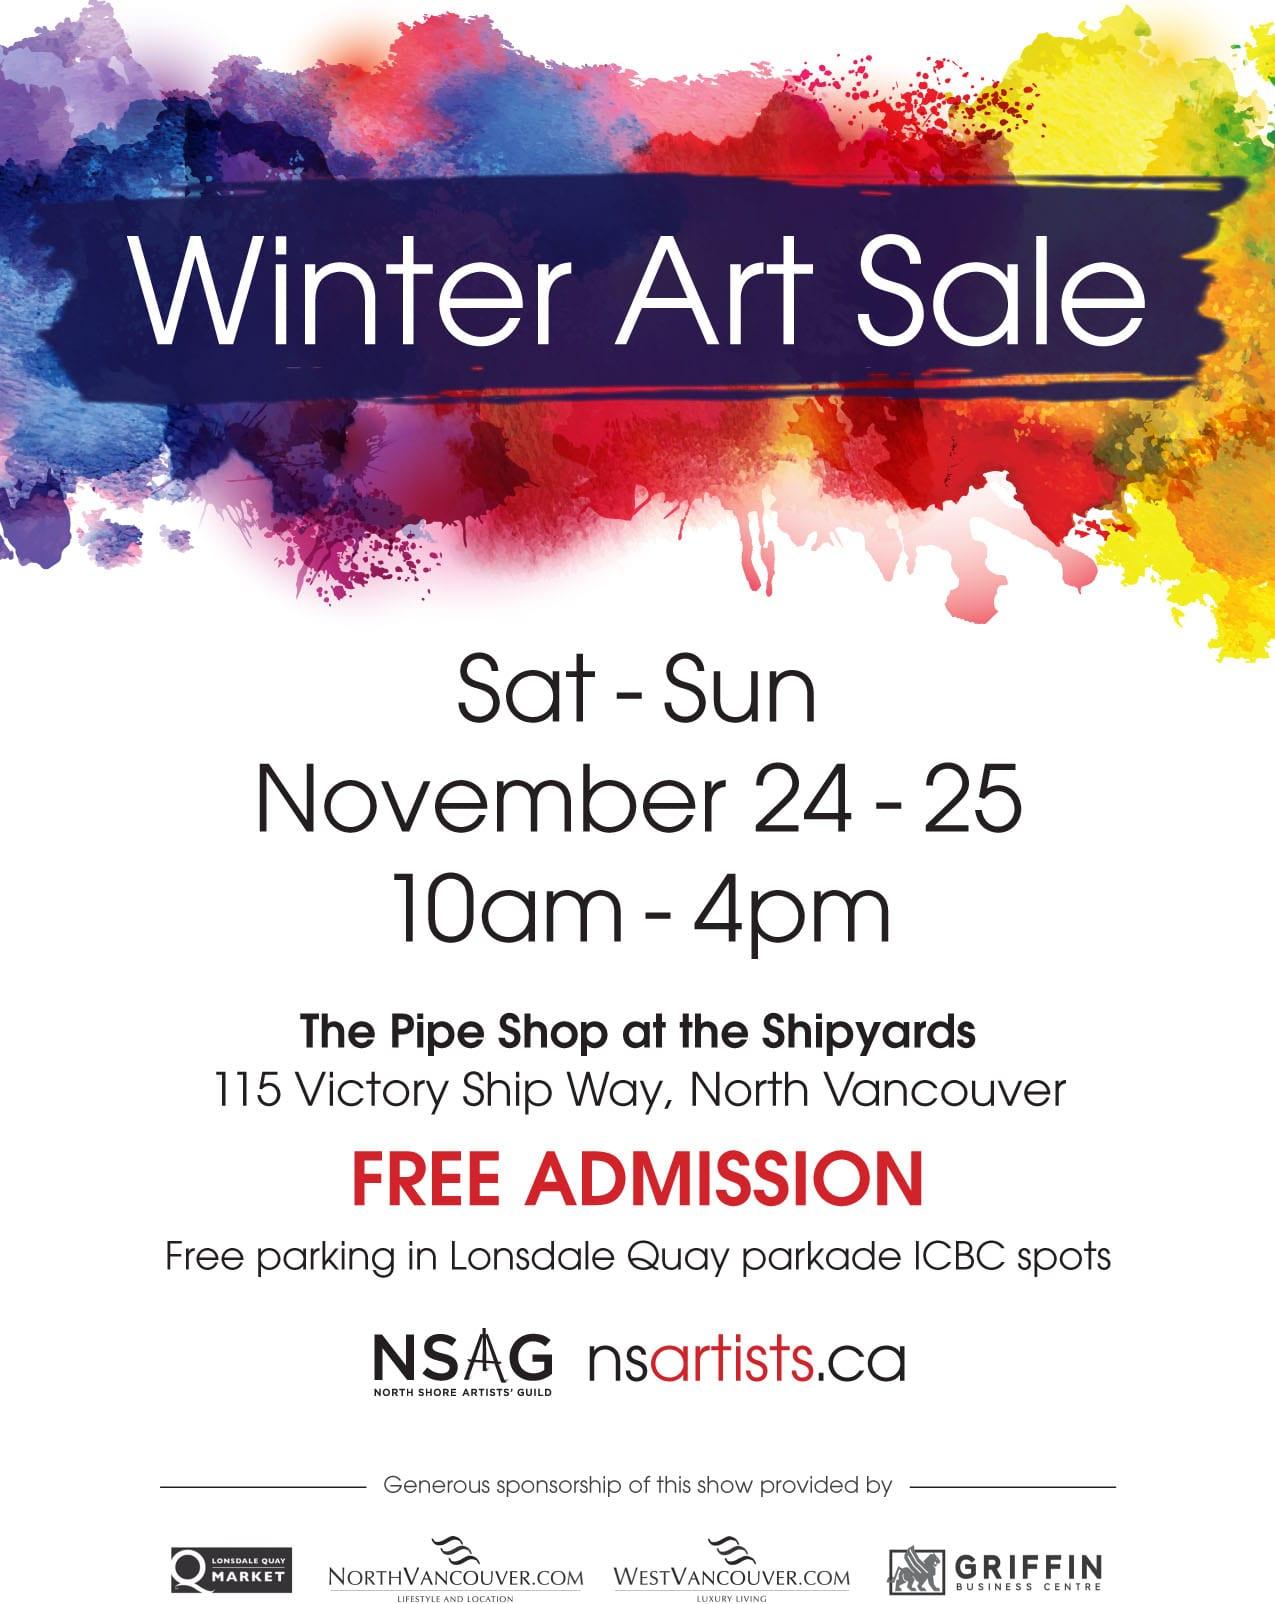 Winter Art Sale Lower Lonsdale